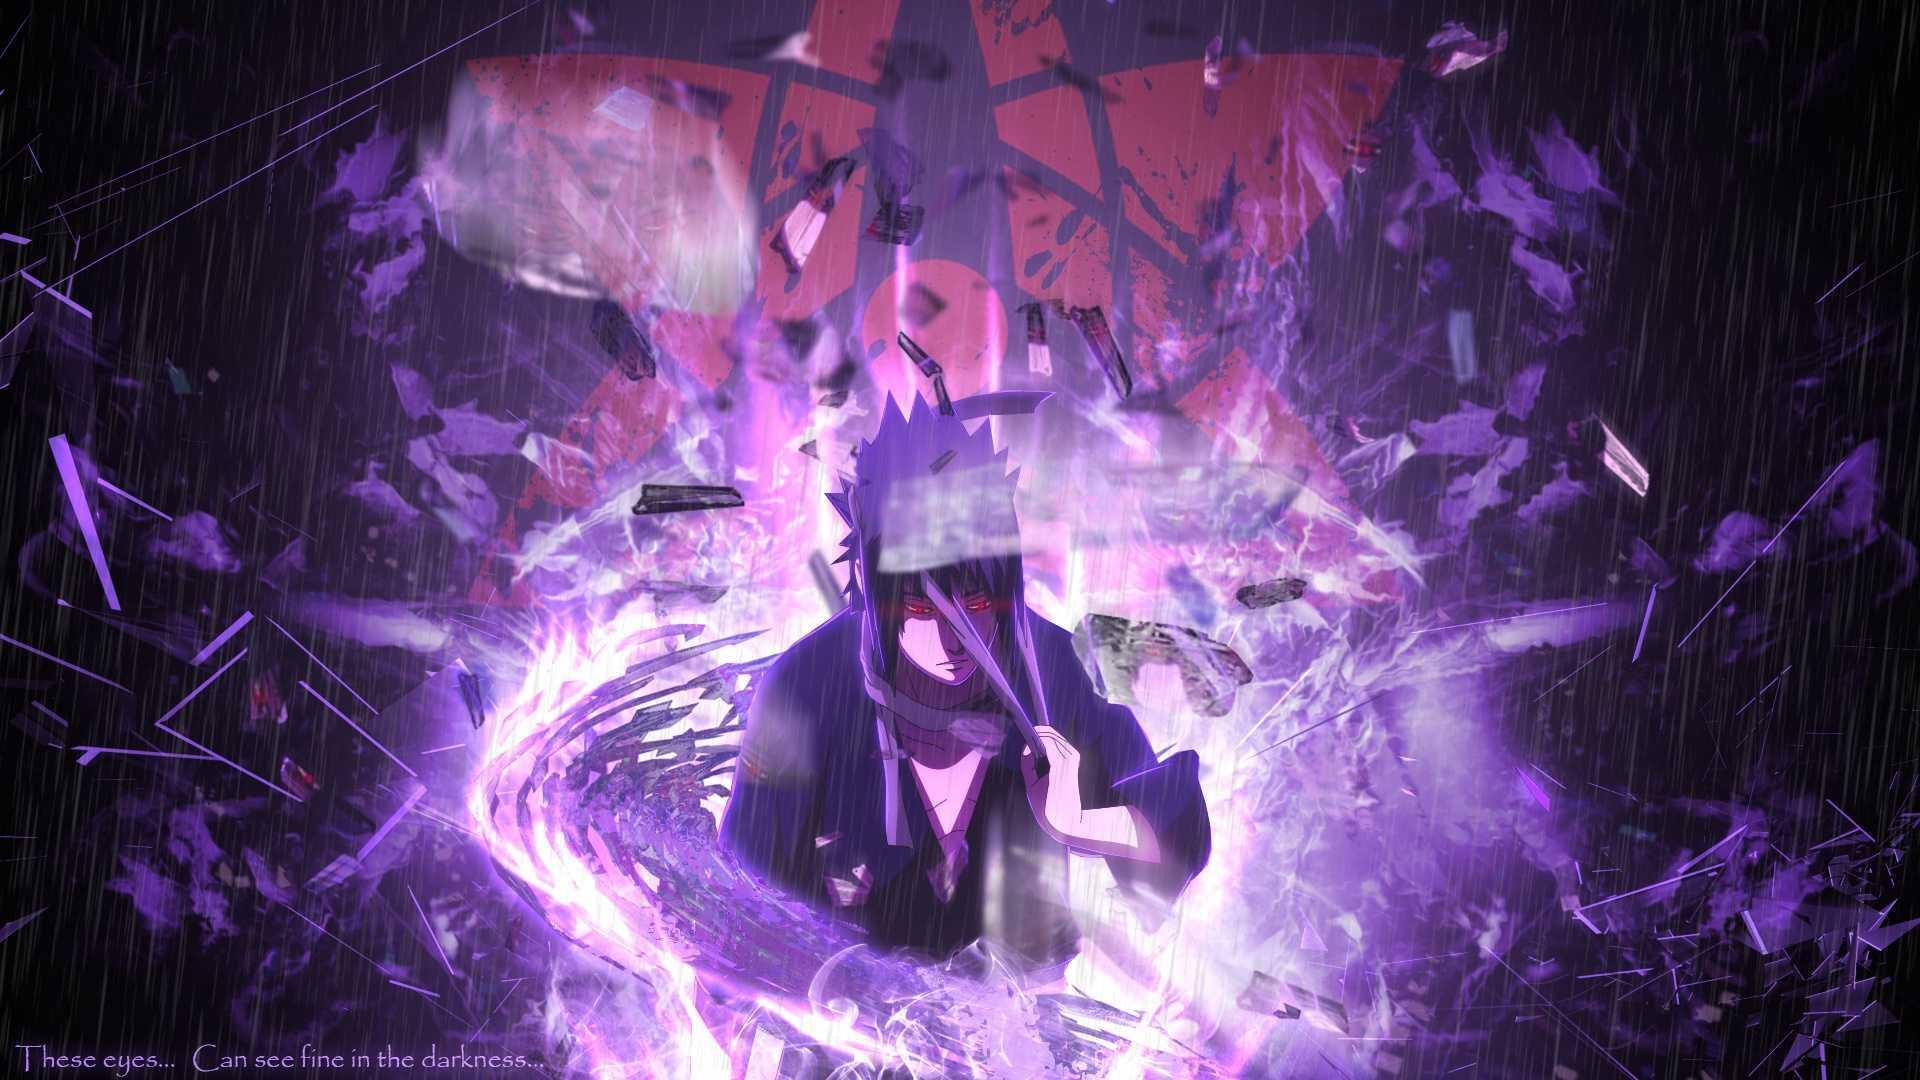 Download Naruto Wallpaper Hd